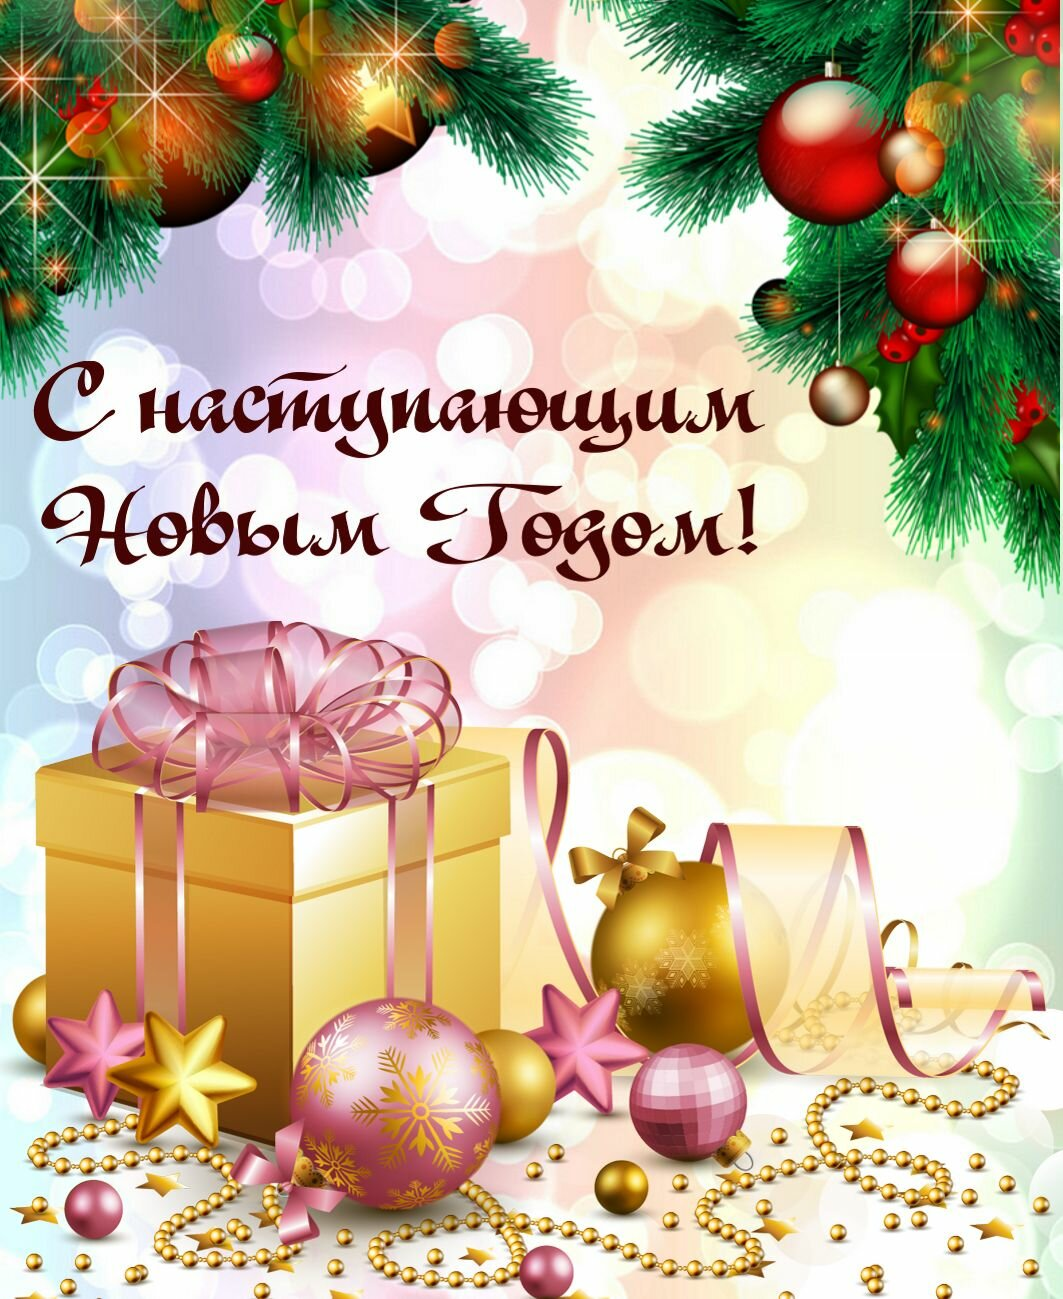 Поздравления, открытки с новым годом с наступающим новым годом 2019